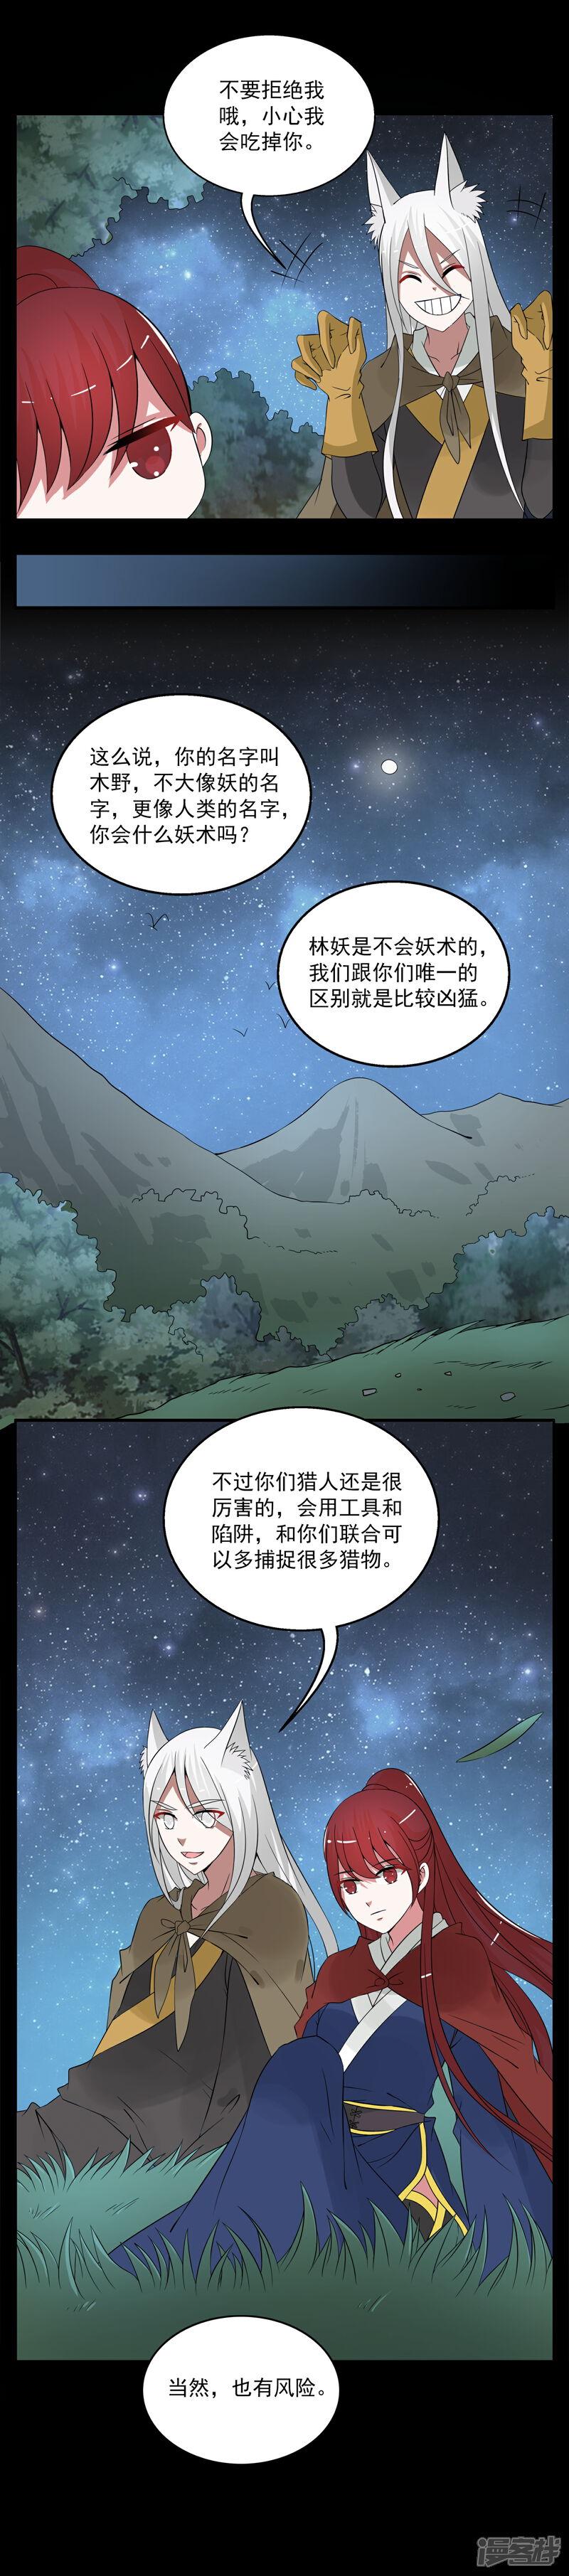 洛小妖176 (8).JPG